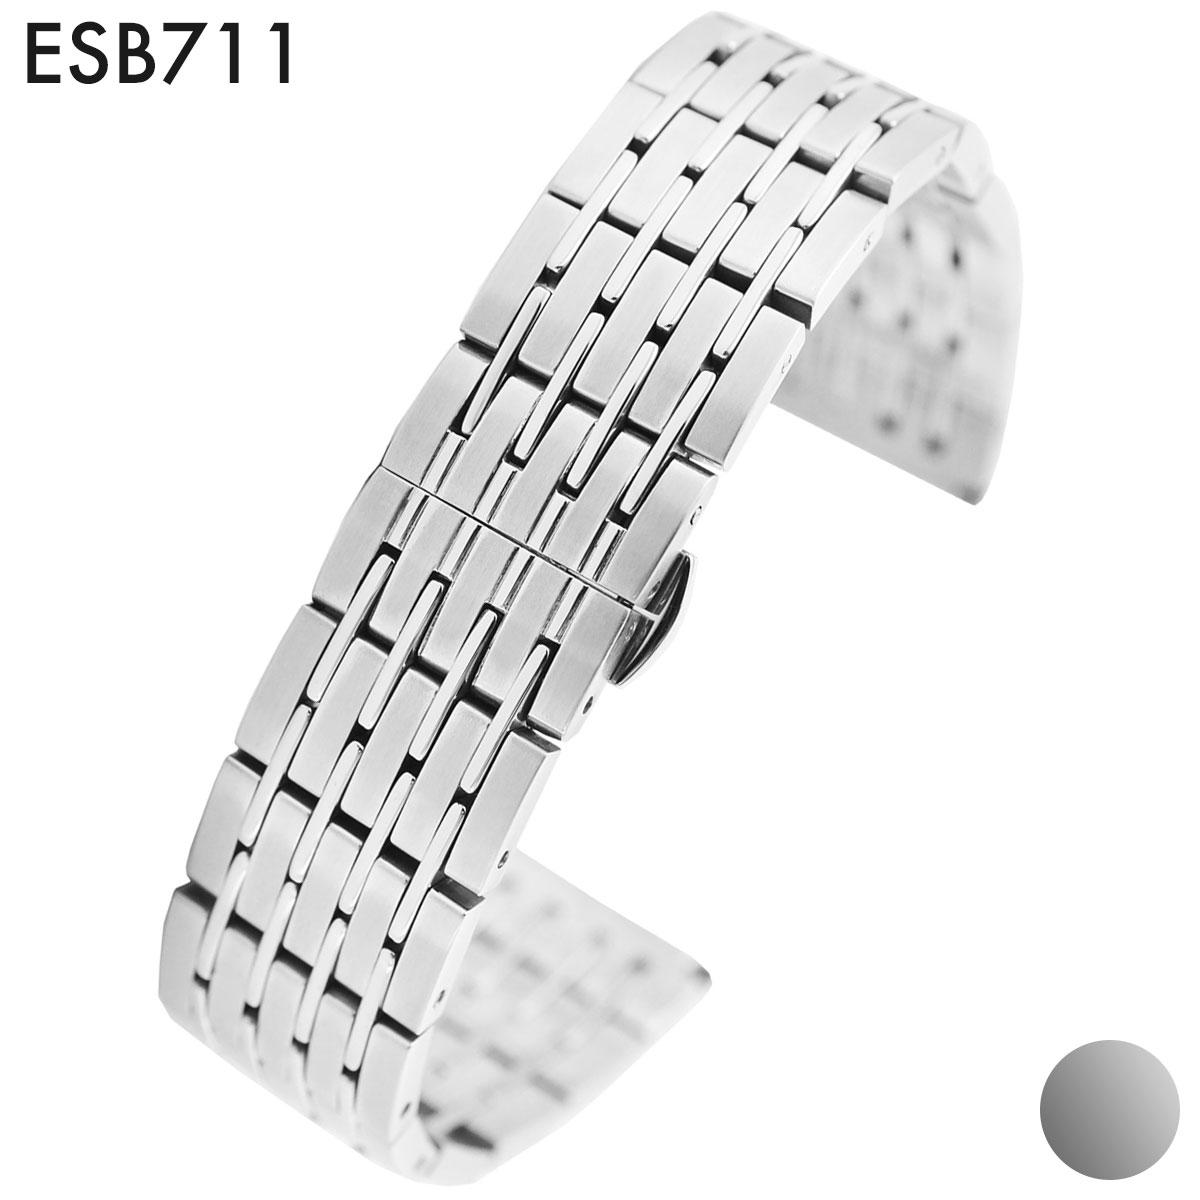 腕時計用 ステンレスベルト 社外品 汎用品 取付幅:16mm/18mm/20mm/22mm/24mm (尾錠)Dバックル [Eight-ESB711]